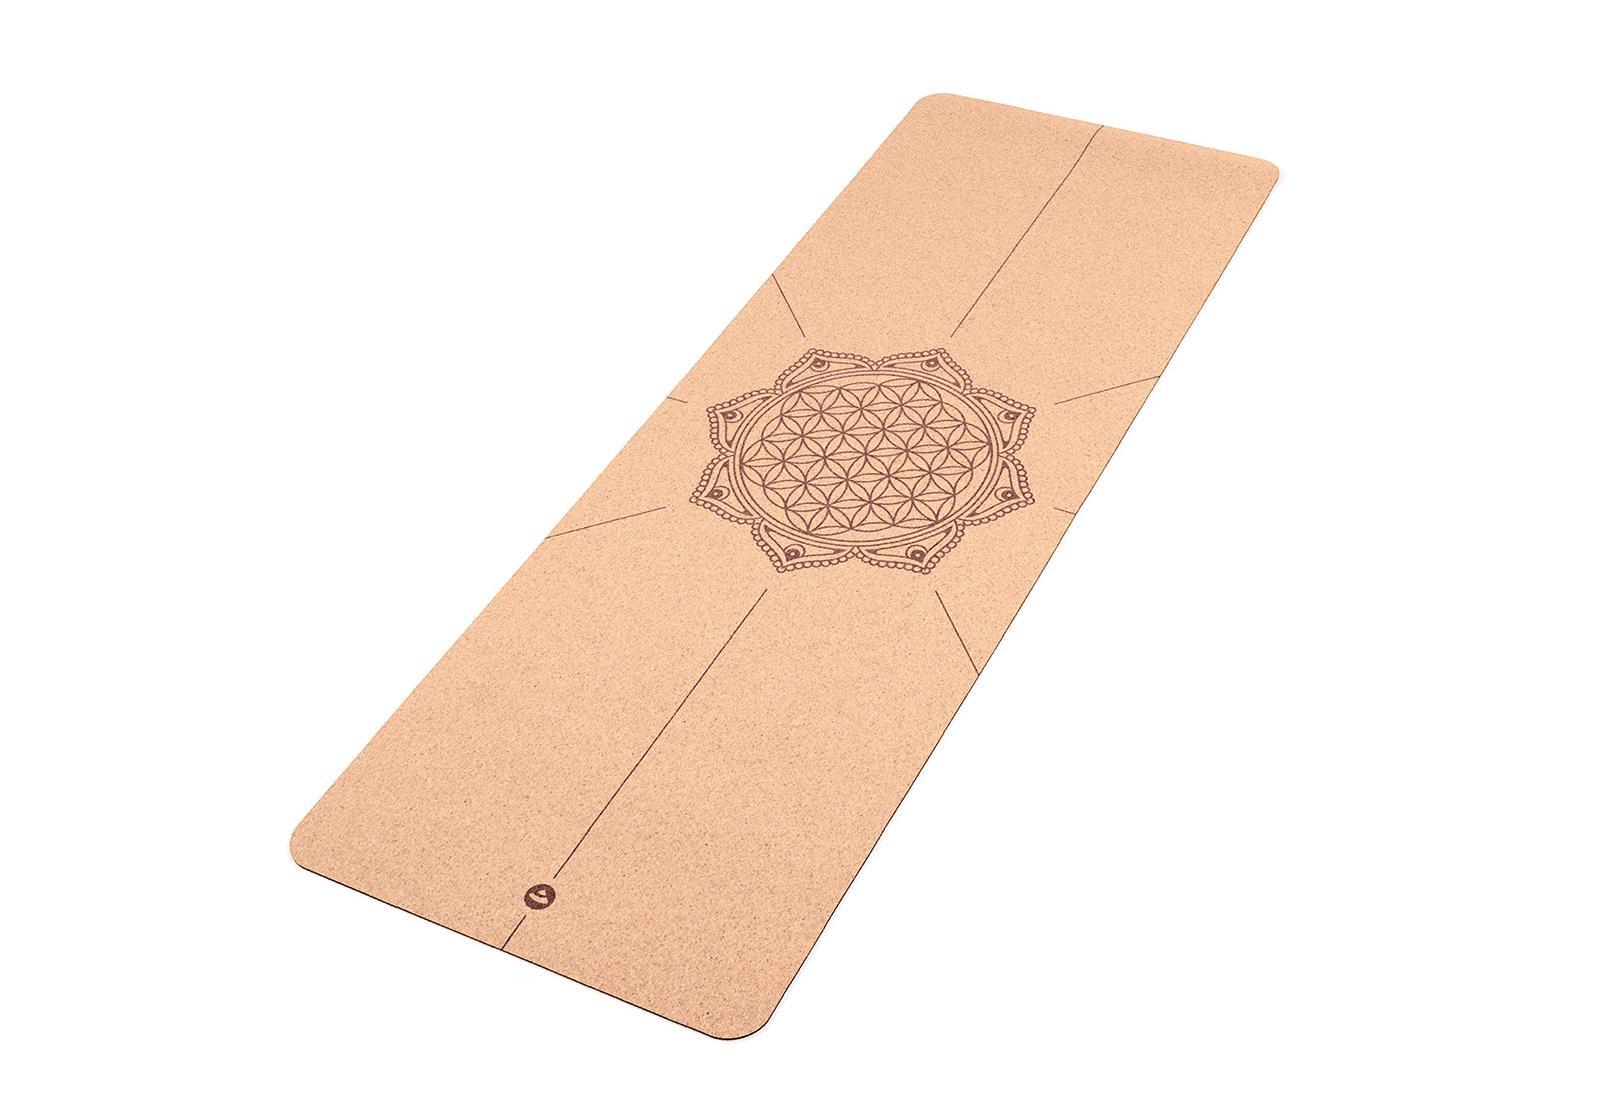 Yoga-mat-Cork_FLOWER-OF-LIFE3.jpg